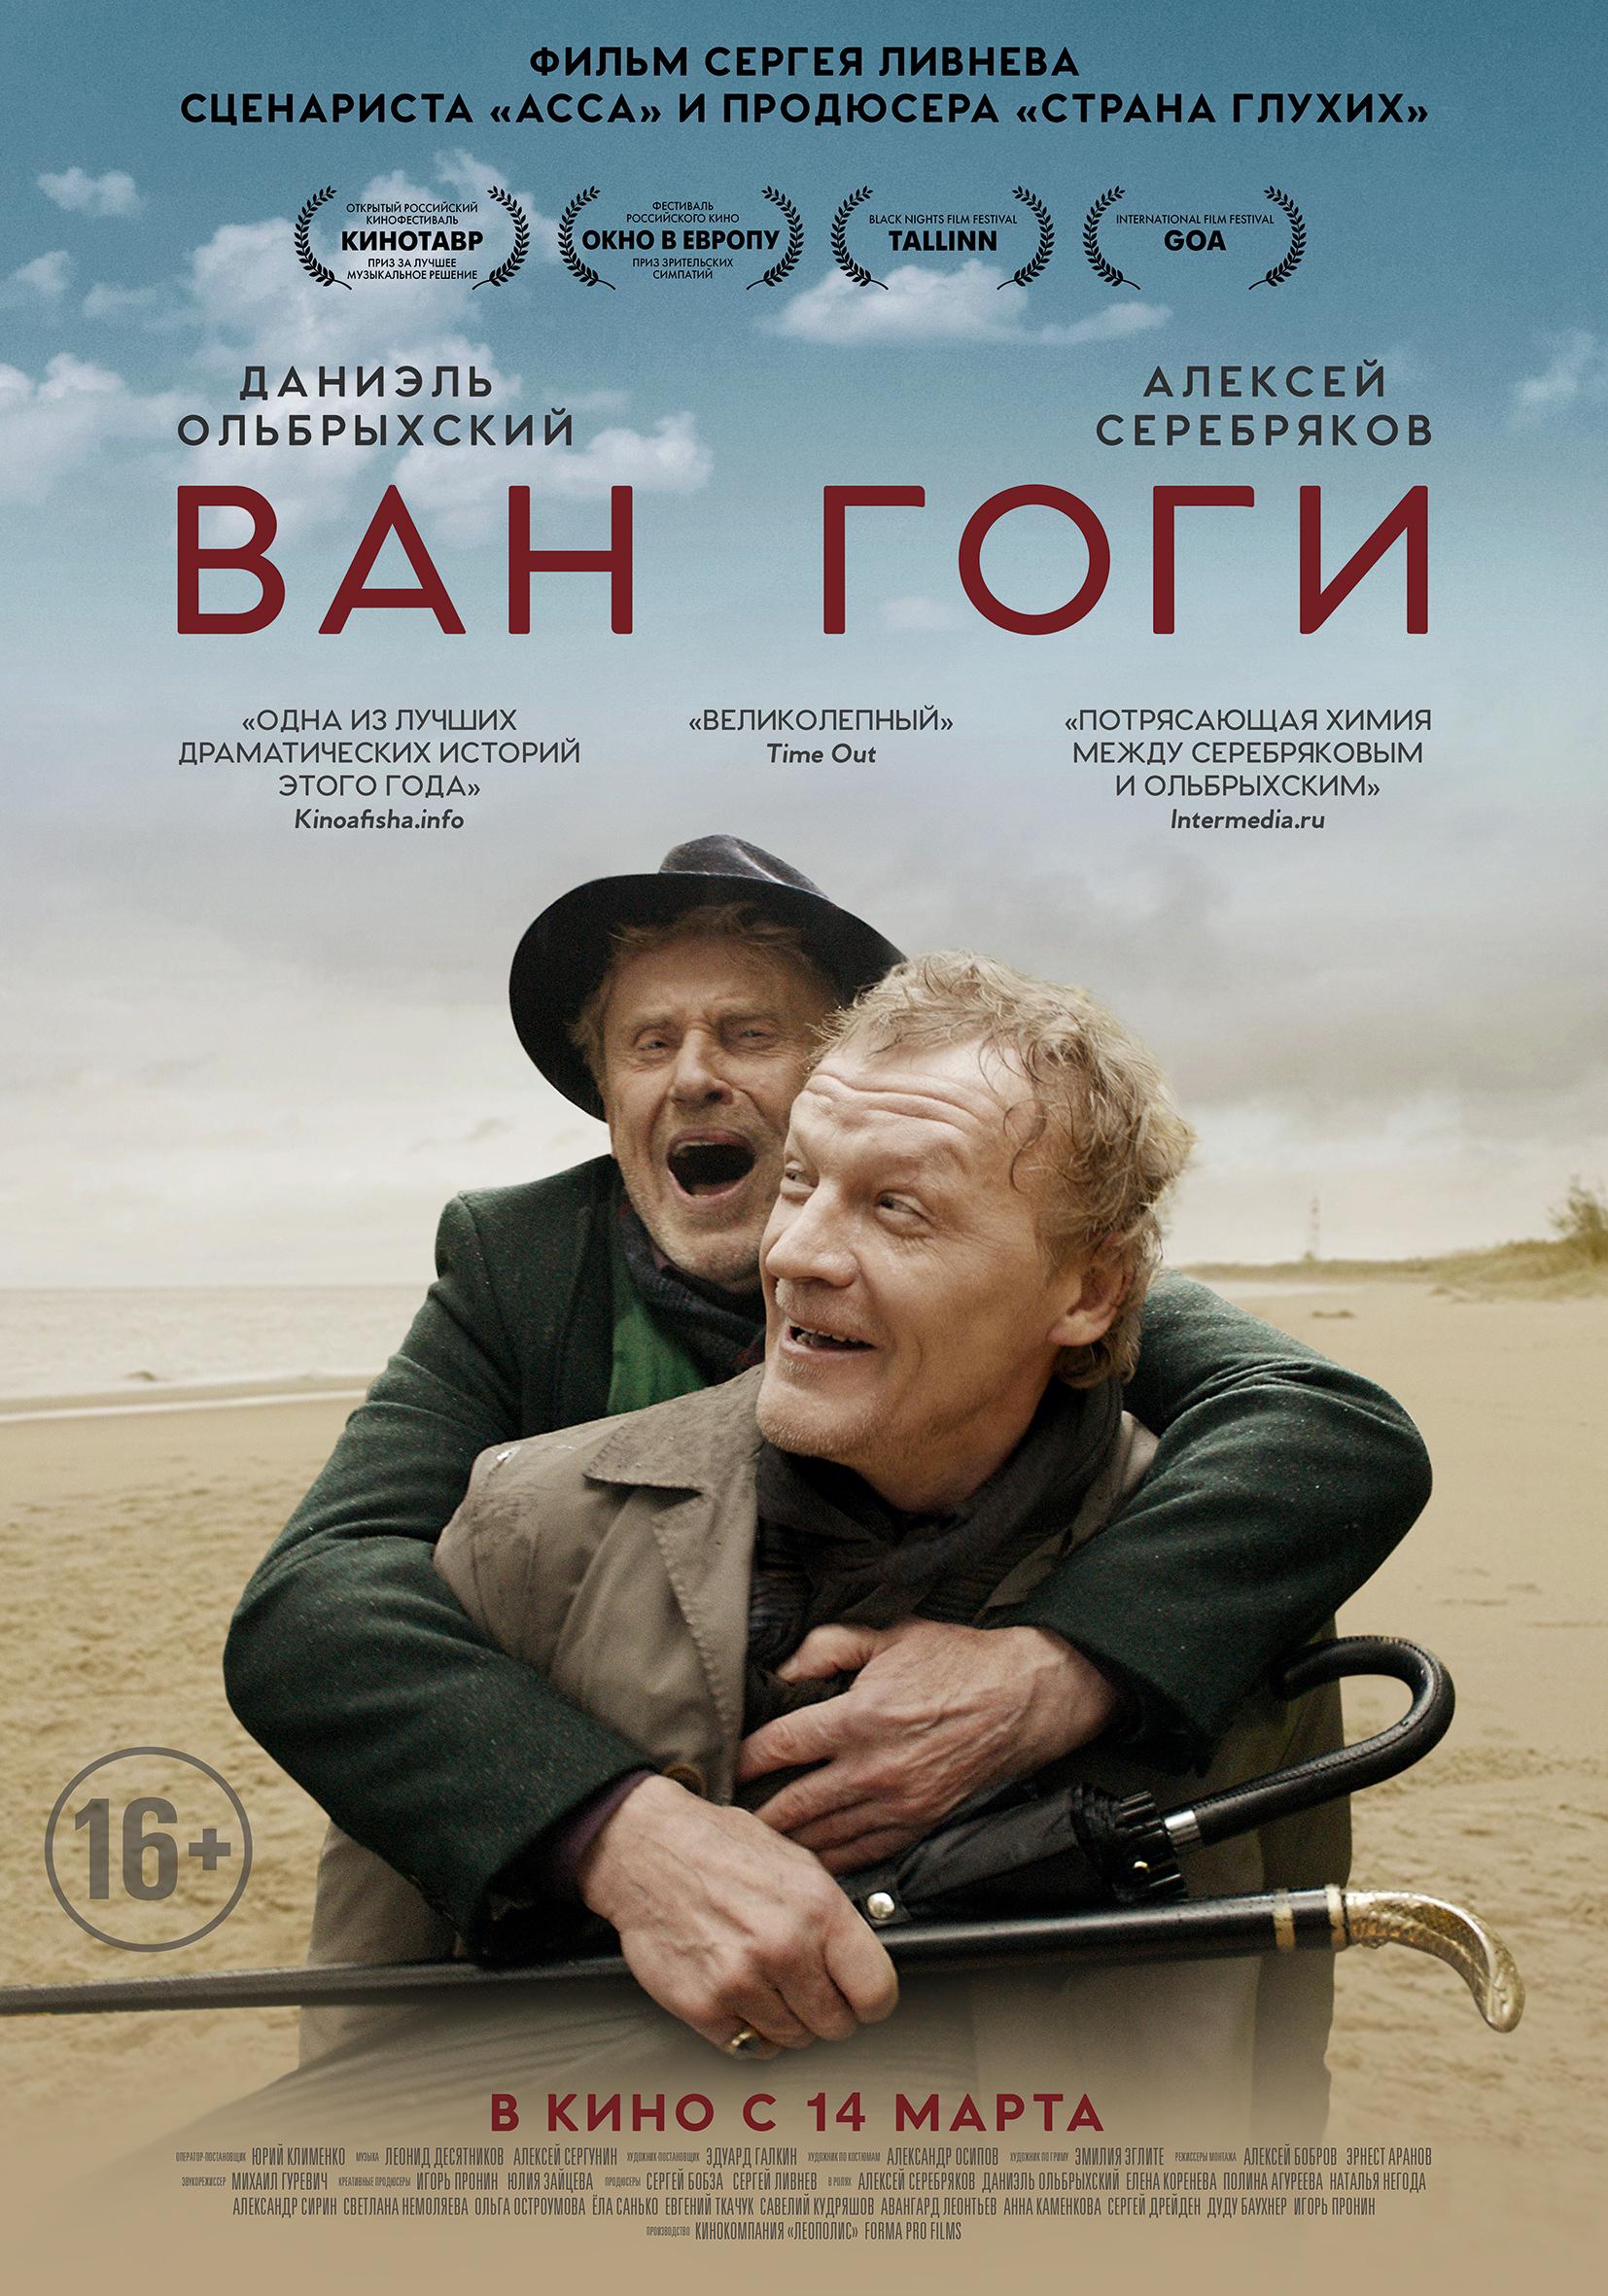 Афиша кино в спб с ребенком билеты в театр сатиры москва билеты